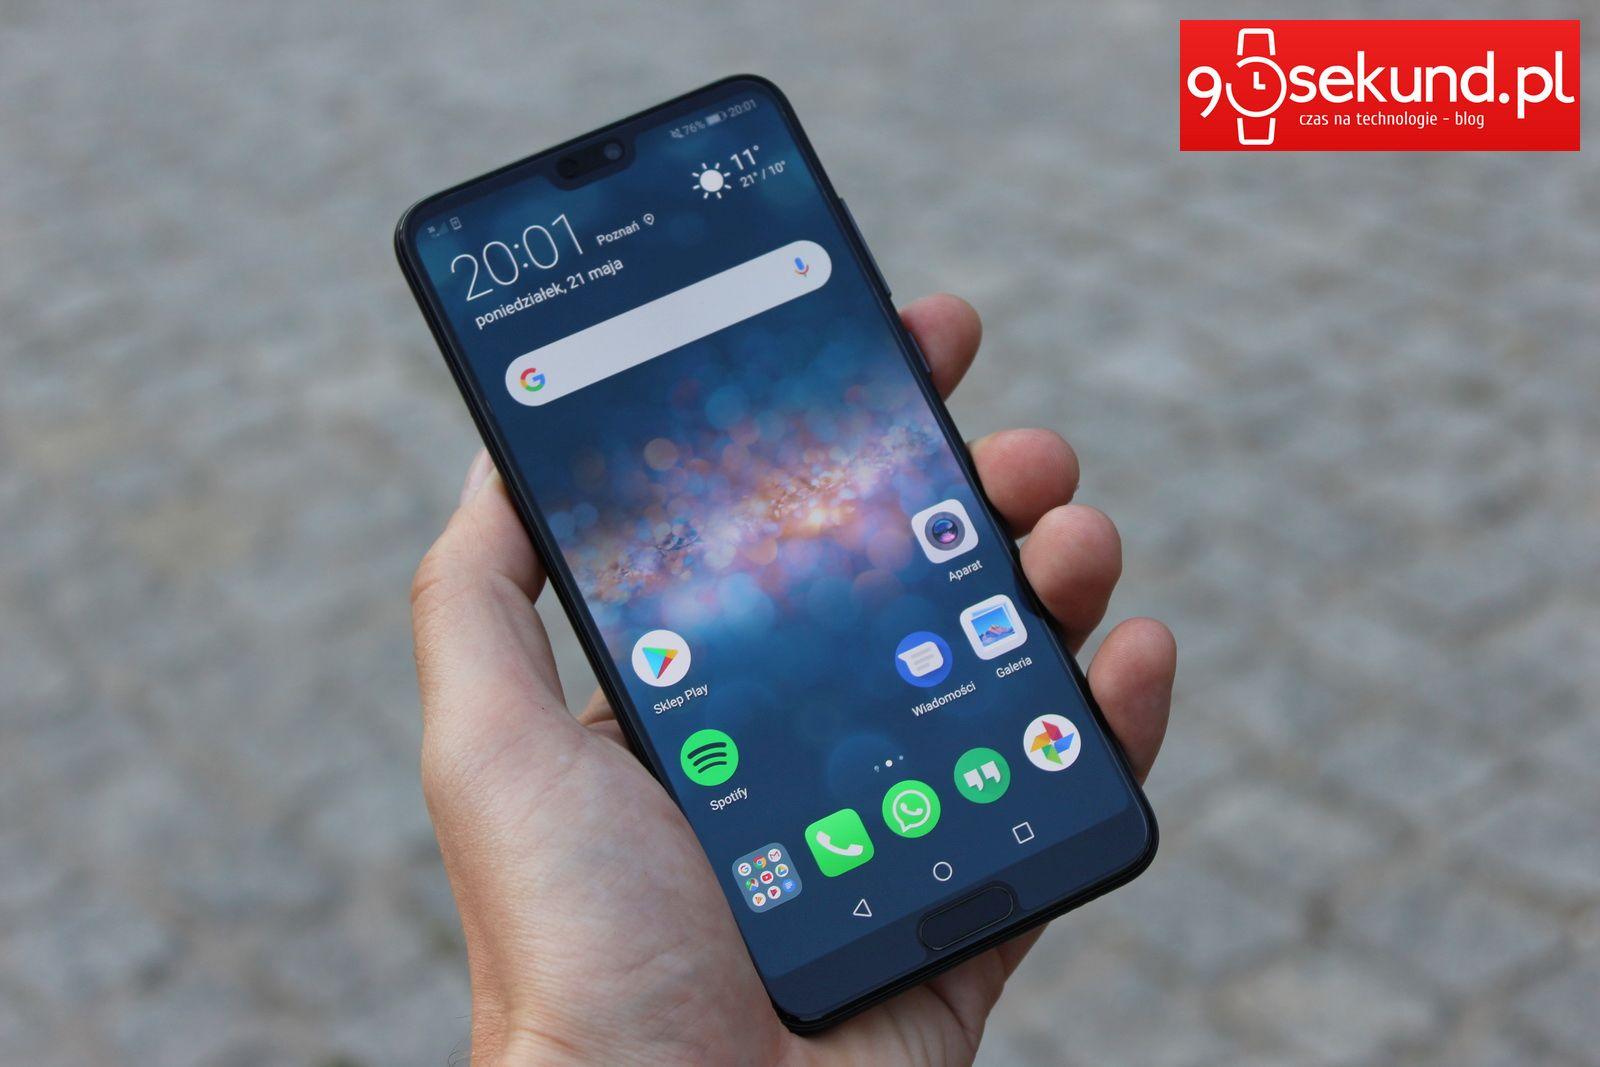 Recenzja Huawei P20 Pro - 90sekund.pl